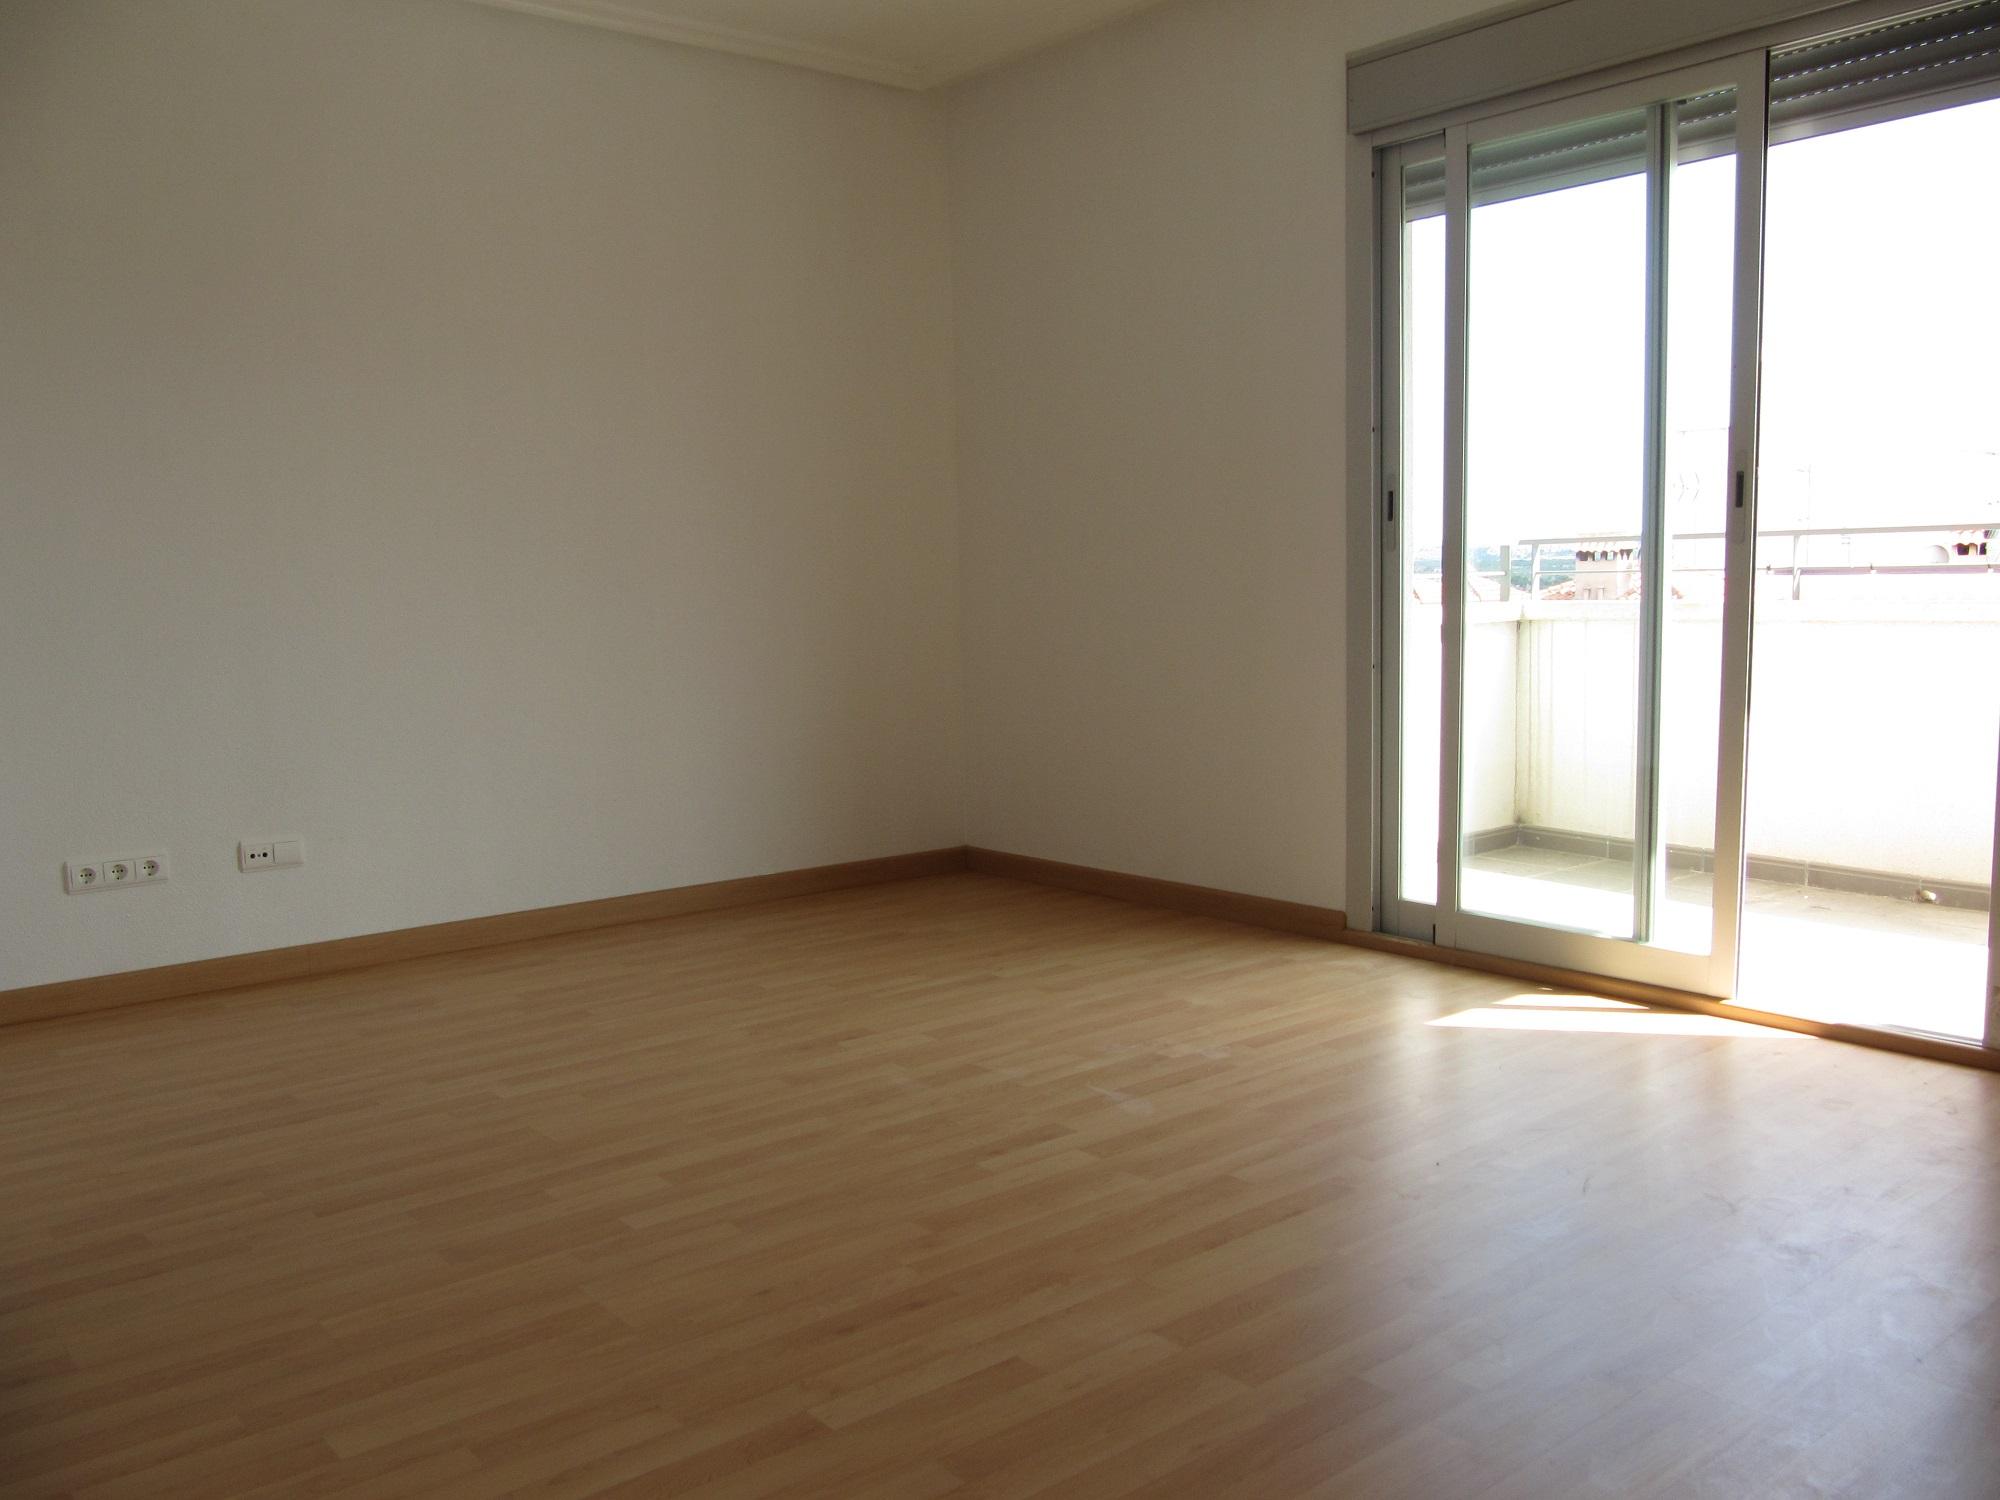 Apartamento en Altet (el) (M88723) - foto1